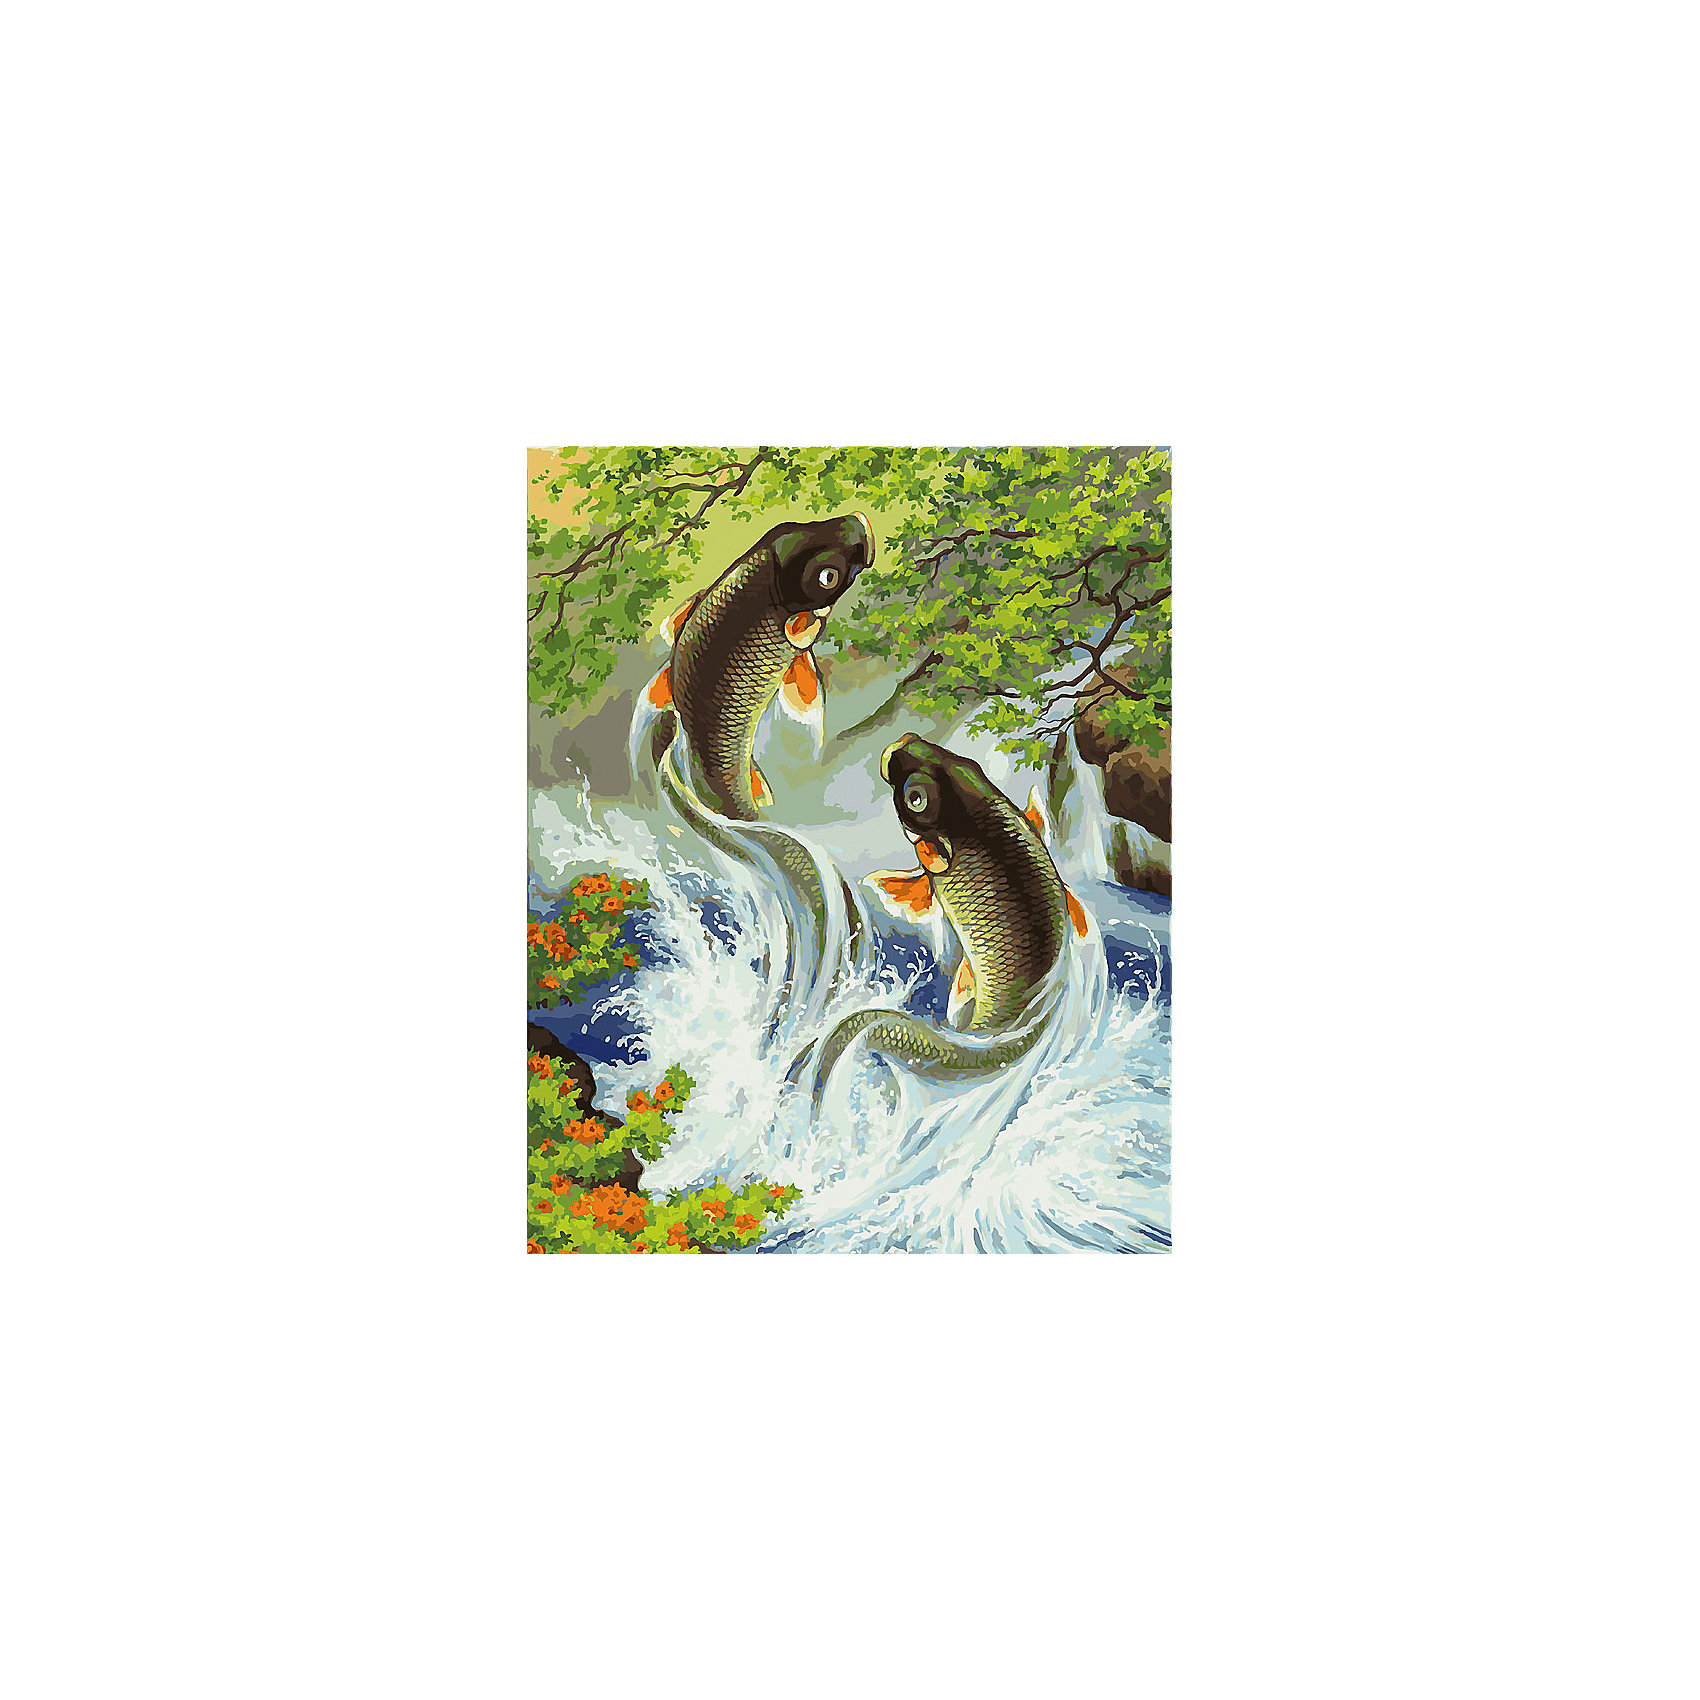 Живопись на холсте 40*50 см Прыгающие карпыРисование<br>Характеристики товара:<br><br>• цвет: разноцветный<br>• материал: акрил, картон<br>• размер: 50 x 40 см<br>• комплектация: полотно на подрамнике с контурами рисунка, пробный лист с рисунком, набор акриловых красок, три кисти, крепление на стену для картины<br>• для детей от шести лет и взрослых<br>• не требует специальных навыков<br>• страна бренда: Китай<br>• страна изготовитель: Китай<br><br>Такой набор станет отличным подарком и для взрослого, и для ребенка! Рисование помогает развить различные навыки и просто приносит удовольствие! Чтобы вселить в ребенка уверенность в своих силах, можно предложить ему этот набор - в нем уже есть сюжет, контуры рисунка и участки с номерами, которые обозначают определенную краску из набора. Все оттенки уже готовы, задача художника - аккуратно, с помощью кисточек из набора, нанести краски на определенный участок полотна.<br>Взрослым также понравится этот процесс, рисовать можно и вместе с малышом! В итоге получается красивая картина, которой можно украсить интерьер. Рисование способствует развитию мелкой моторики, воображения, цветовосприятия, творческих способностей и усидчивости. Набор отлично проработан, сделан из качественных и проверенных материалов, которые безопасны для детей. Краски - акриловые, они быстро сохнут и легко смываются с кожи.<br><br>Живопись на холсте 40*50 см Прыгающие карпы от торговой марки Белоснежка можно купить в нашем интернет-магазине.<br><br>Ширина мм: 510<br>Глубина мм: 410<br>Высота мм: 25<br>Вес г: 850<br>Возраст от месяцев: 72<br>Возраст до месяцев: 144<br>Пол: Унисекс<br>Возраст: Детский<br>SKU: 5089716